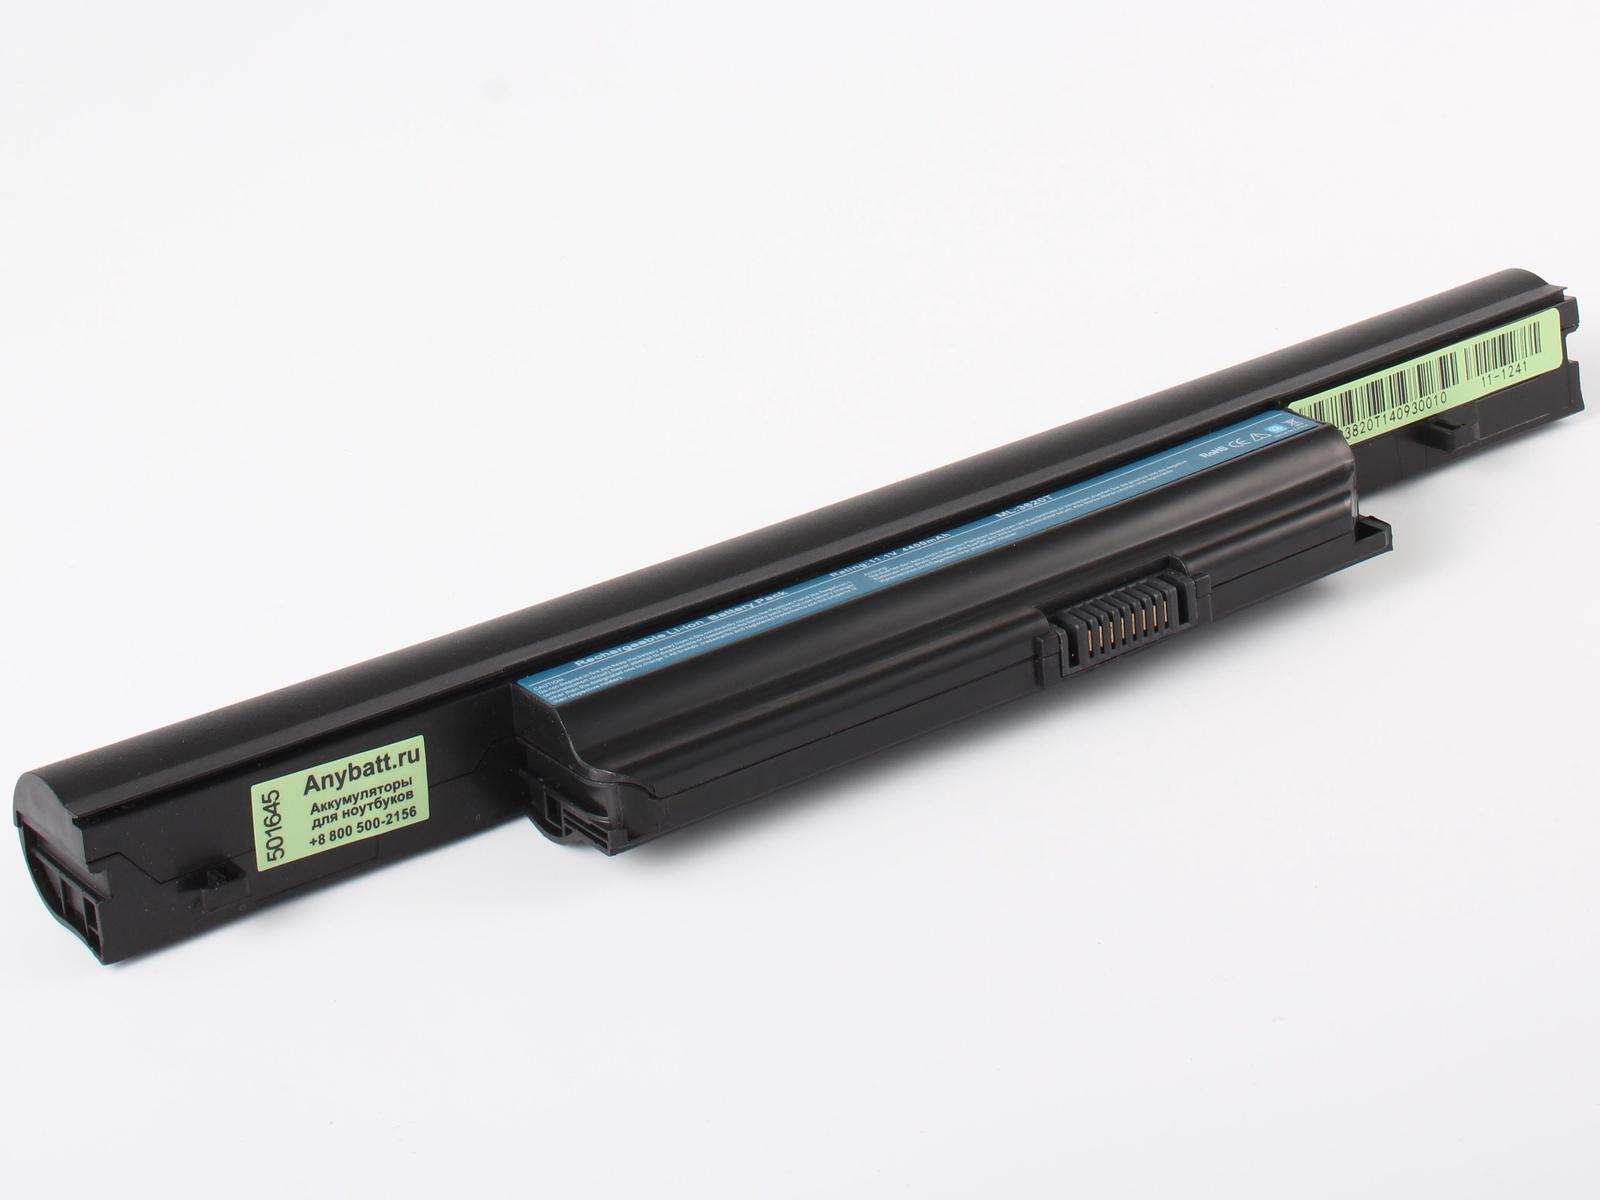 Аккумулятор для ноутбука AnyBatt для Acer Aspire 5745DG-5464G64Biks, Aspire 5745PG-484G64Miks, Aspire TimelineX 3820TG-373G32iks, Aspire TimelineX 3820TG-5454G32iks, Aspire TimelineX 4820TG-383G32Miks, Aspire 5745G-5464G75Miks цена в Москве и Питере